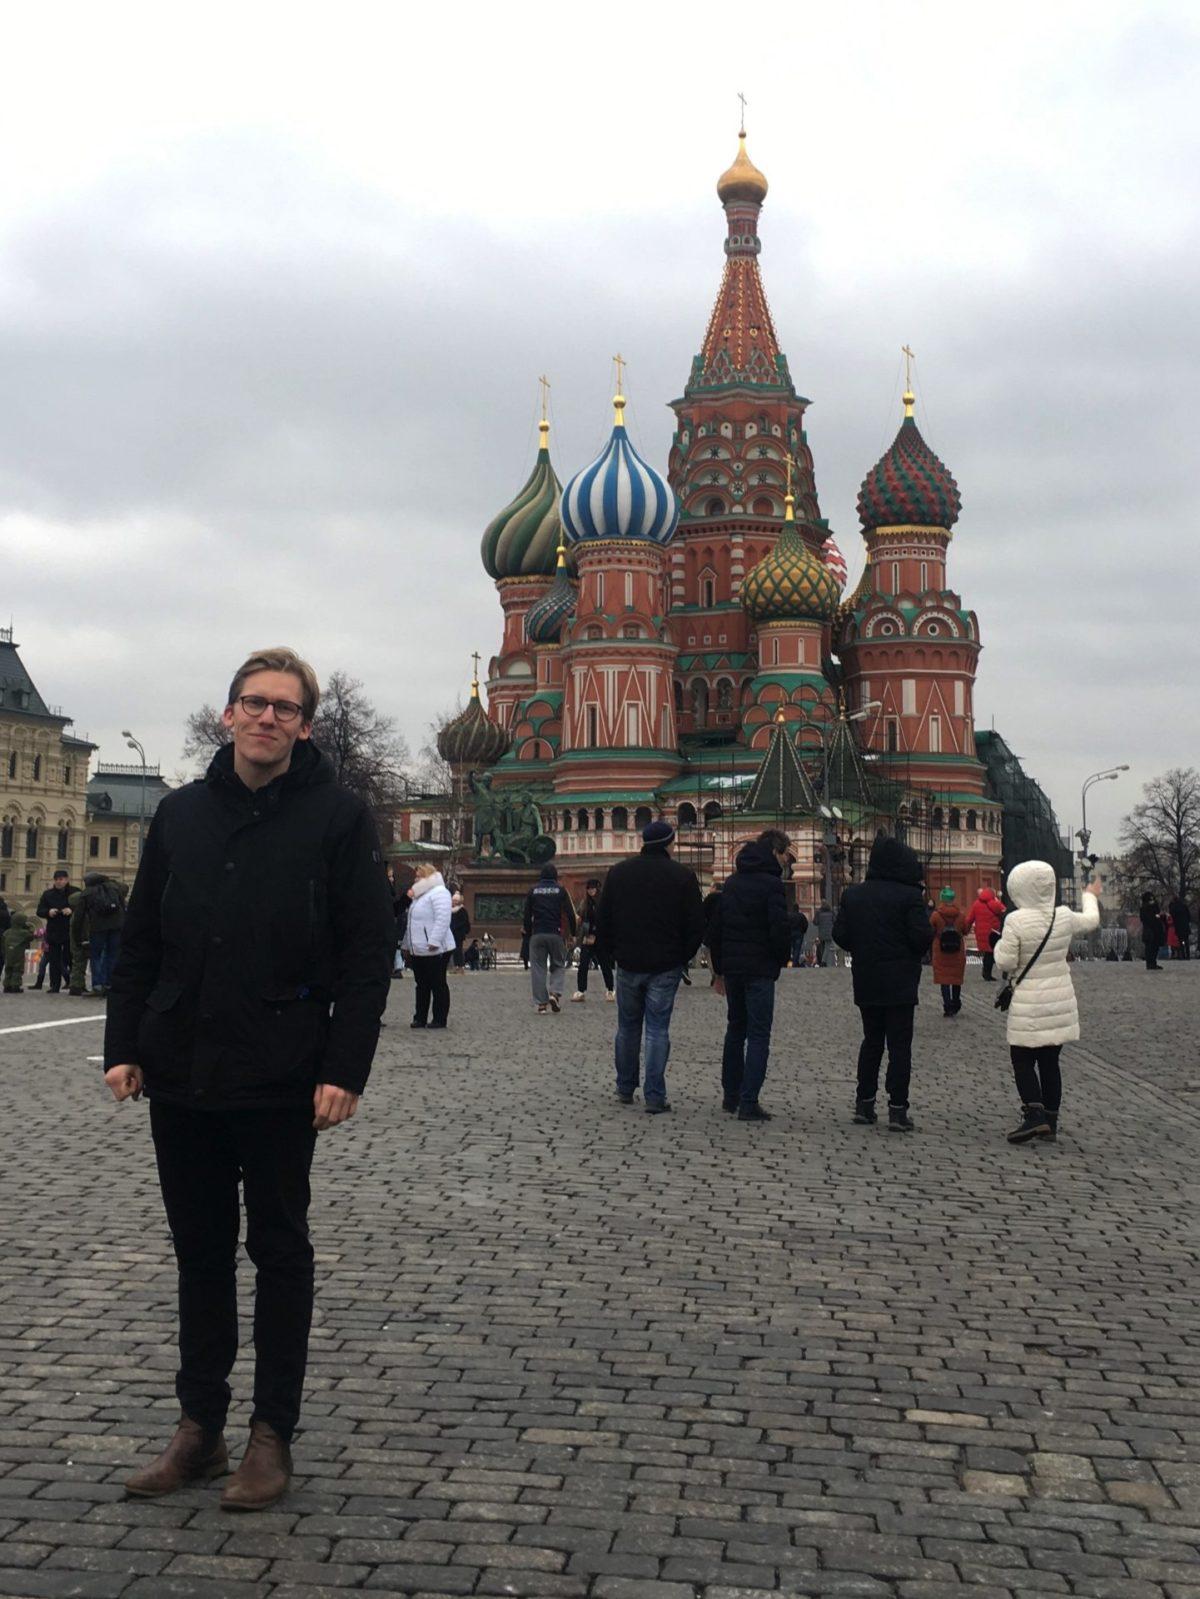 Russisches Nationalorchester, Nationales Philharmonisches Orchester Russlands,  Großer Saal des Moskauer Konservatoriums, 12. März 2020 / Moskauer Konzertsaal Sarjadje, 13. März 2020